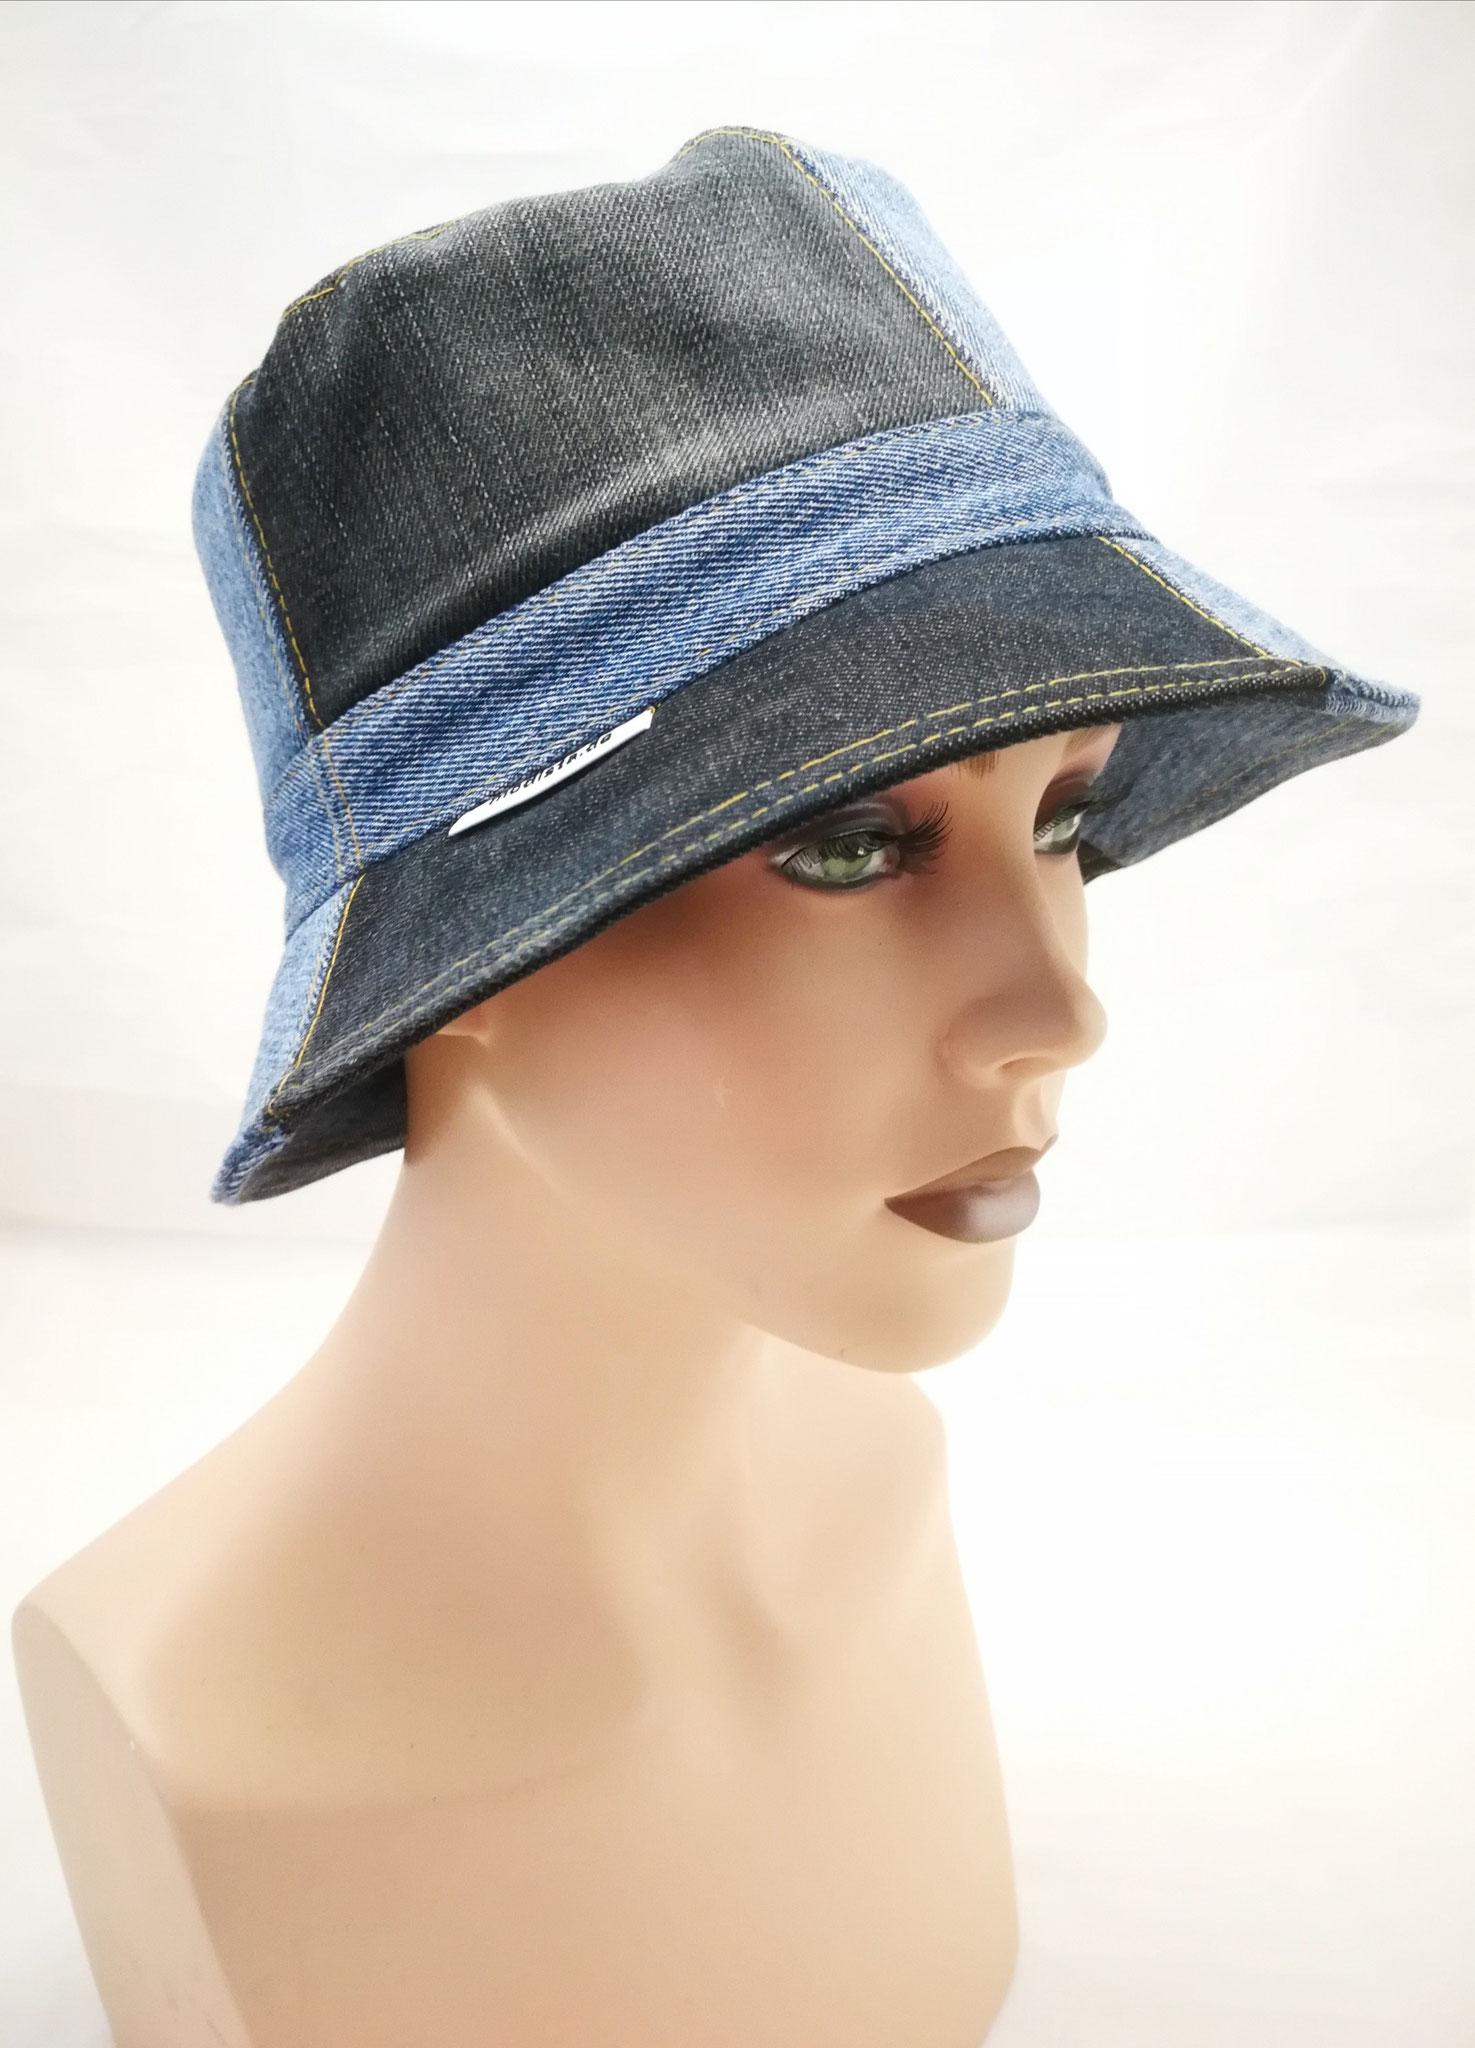 Denim Bucket Hat aus verschiedenen Jeansmaterialien, Manufakturarbeit - bestellbar 89,90 €